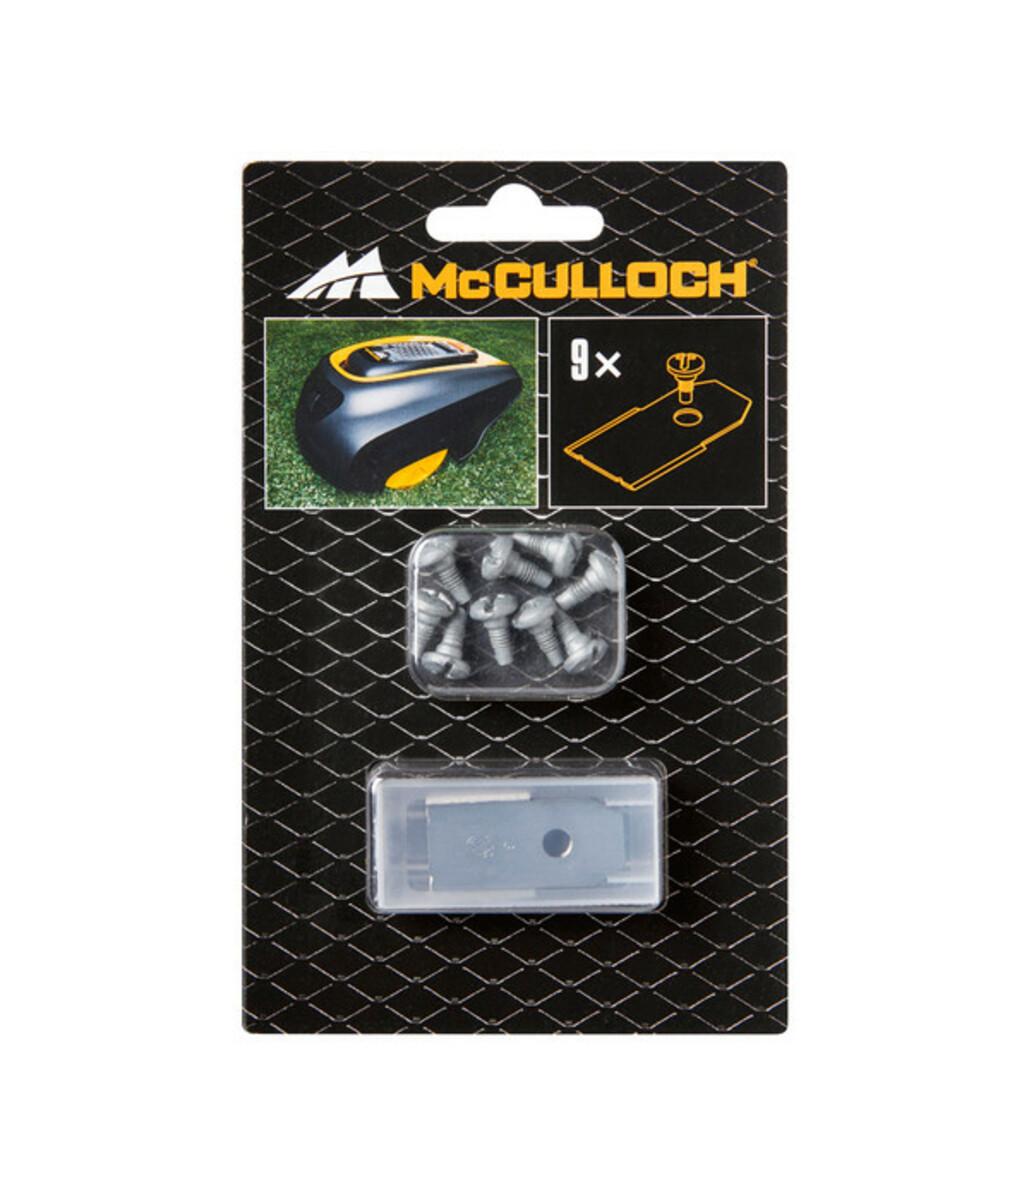 Bild 3 von McCulloch Ersatzmesser für Mähroboter, 9 Stück